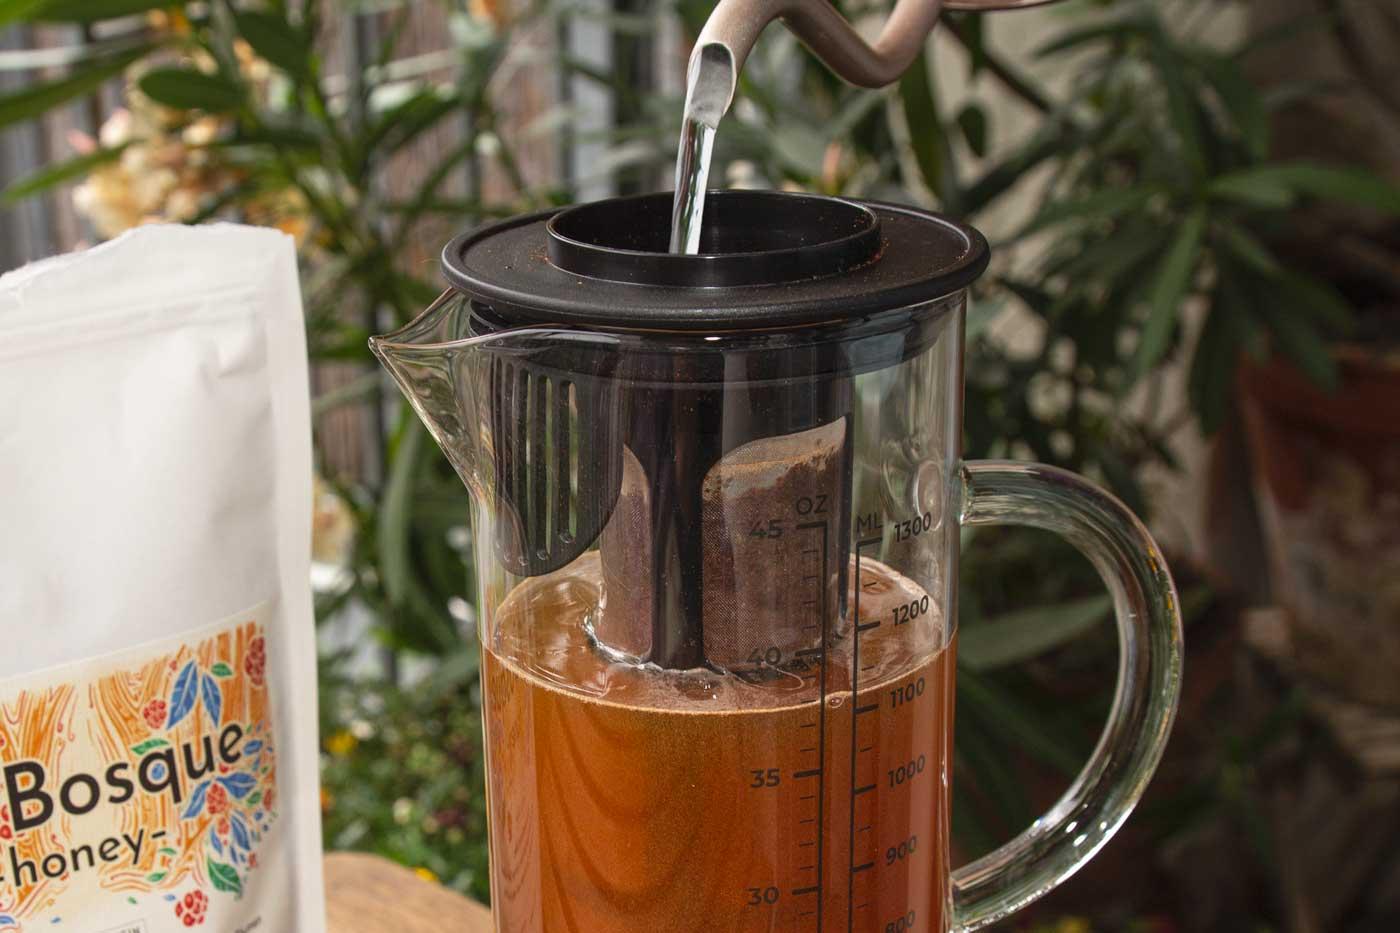 CafCaf Cold Brew Zubereitung: Schritt 2 Wasser in den Zubereiter eingießen